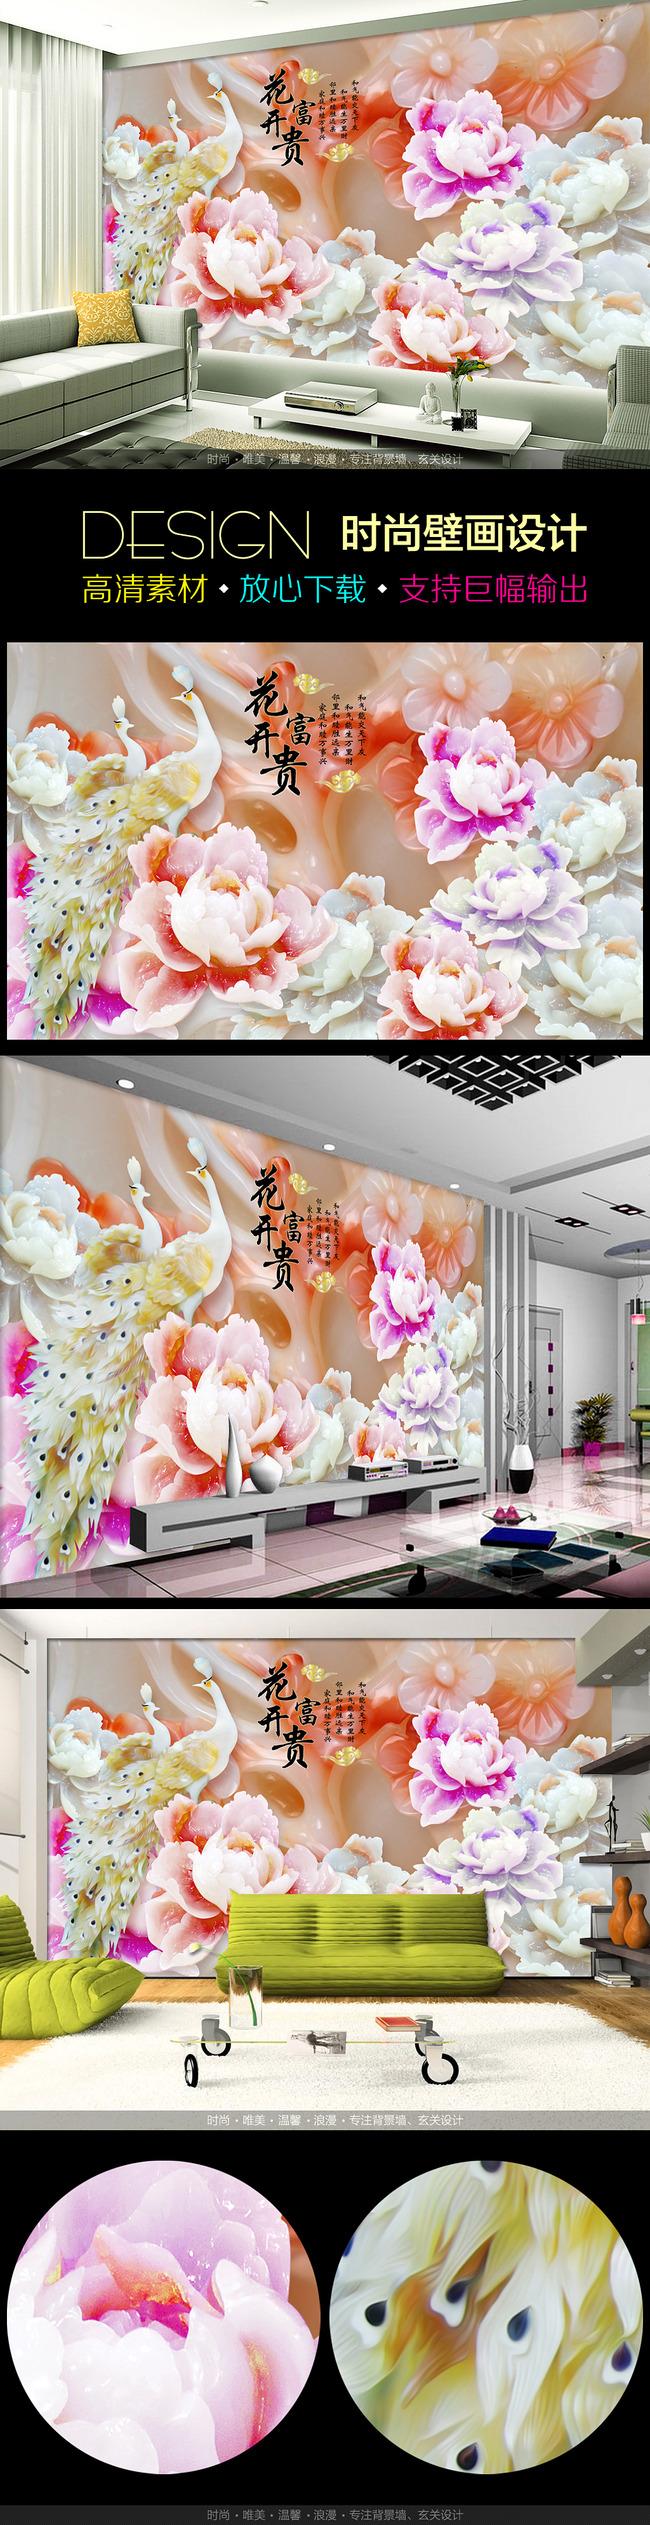 3d 木雕 客厅装饰画 山水画 中式风格 喜鹊 福字 家和万事兴 玉雕